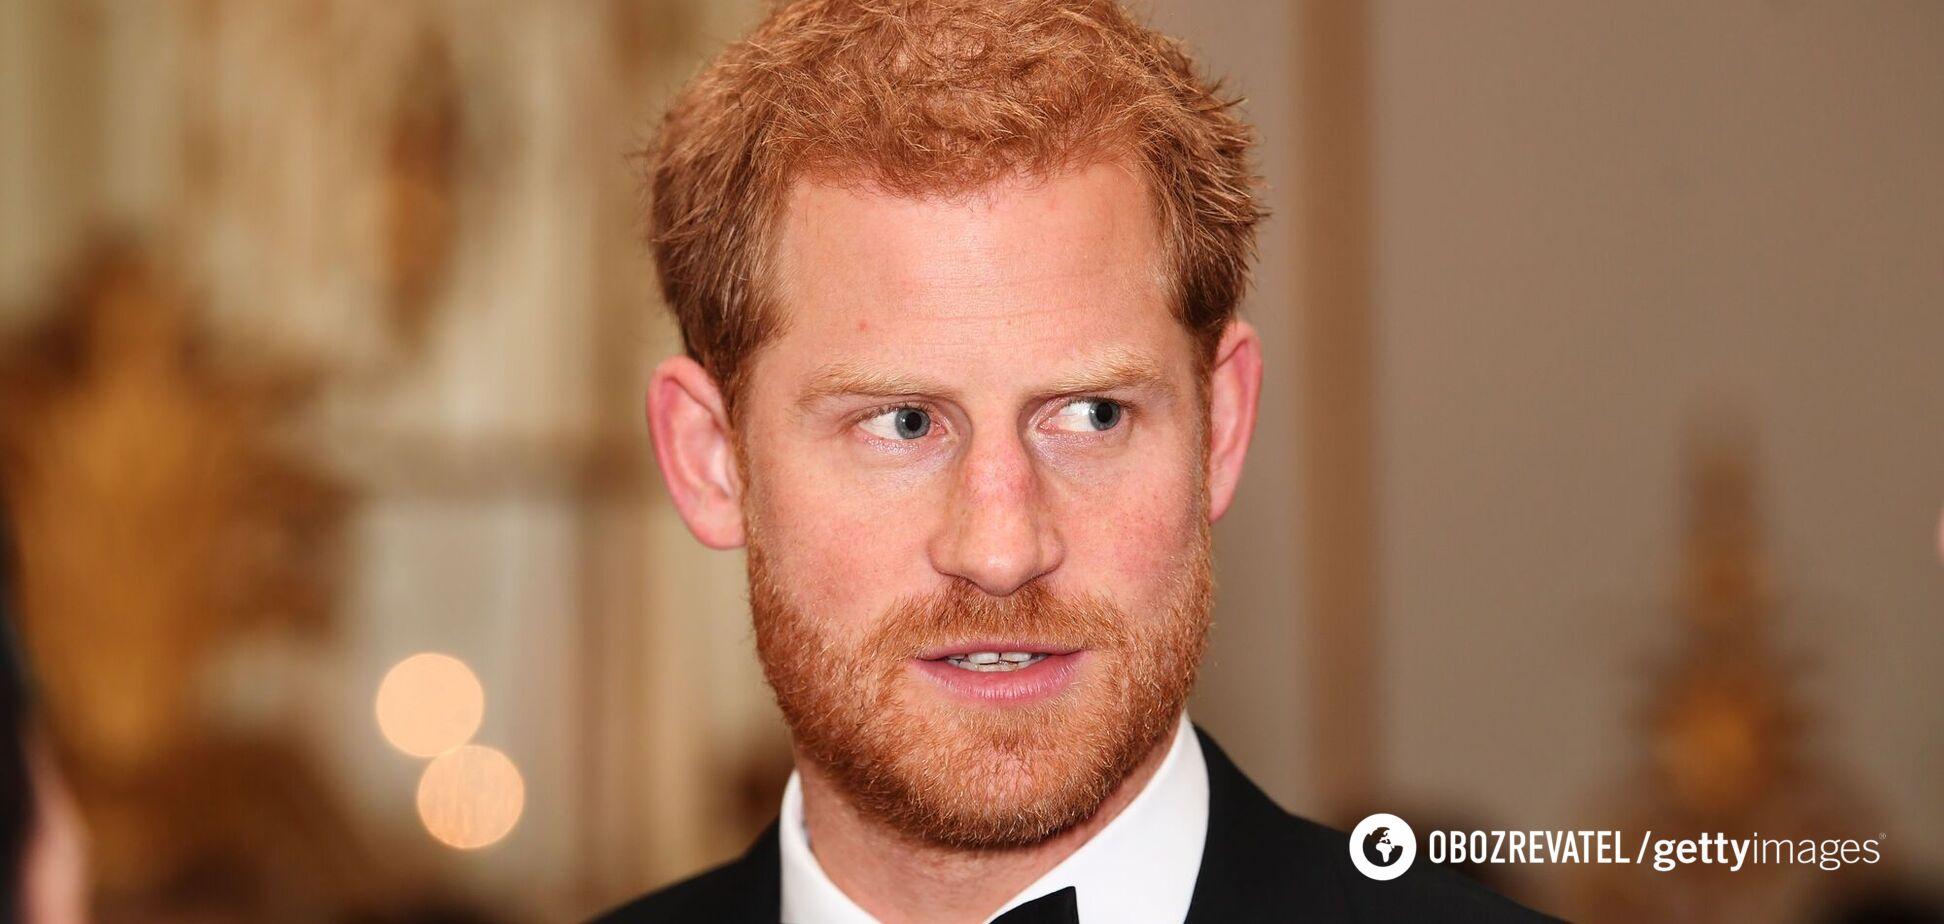 Принца Гаррі звинуватили у 'зловживанні довірою'